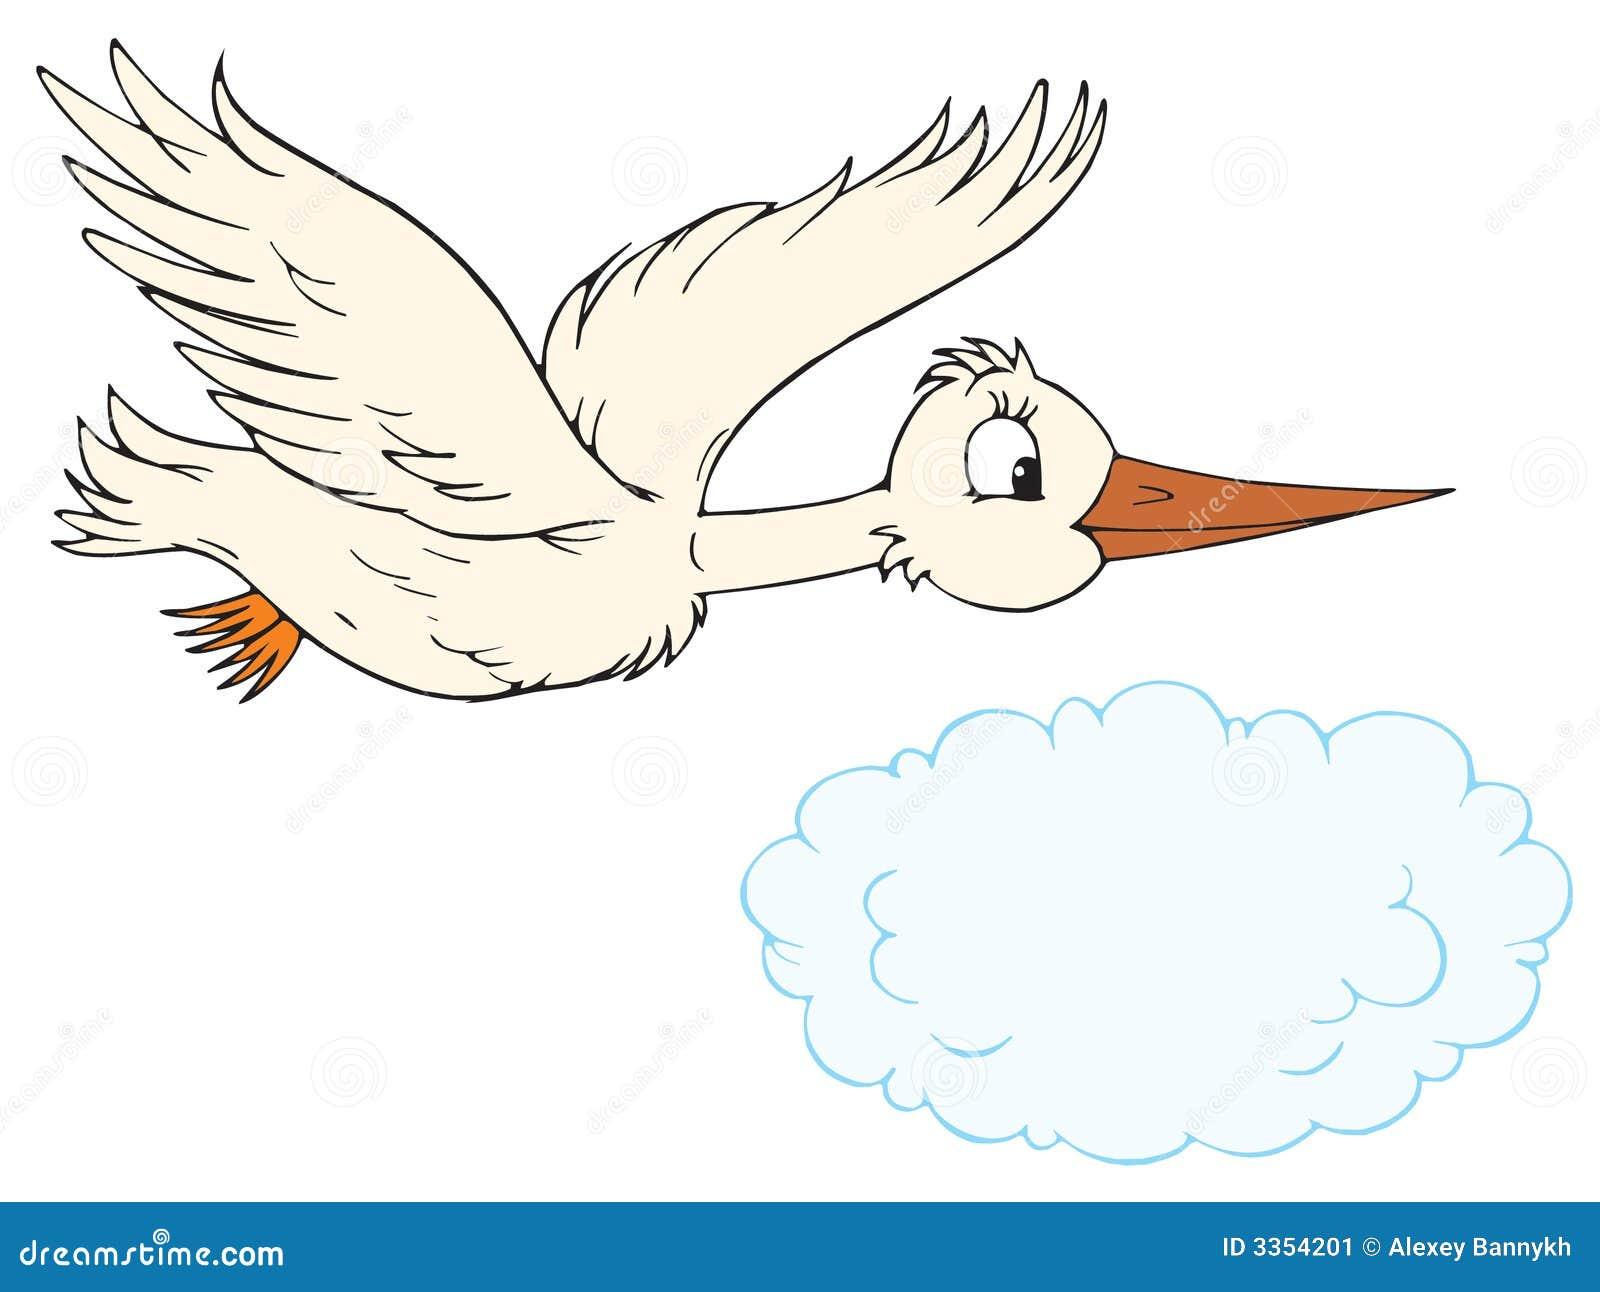 Children Reading Stock Vector Art More Images Of Baby: White Stork (vector Clip-art) Stock Image